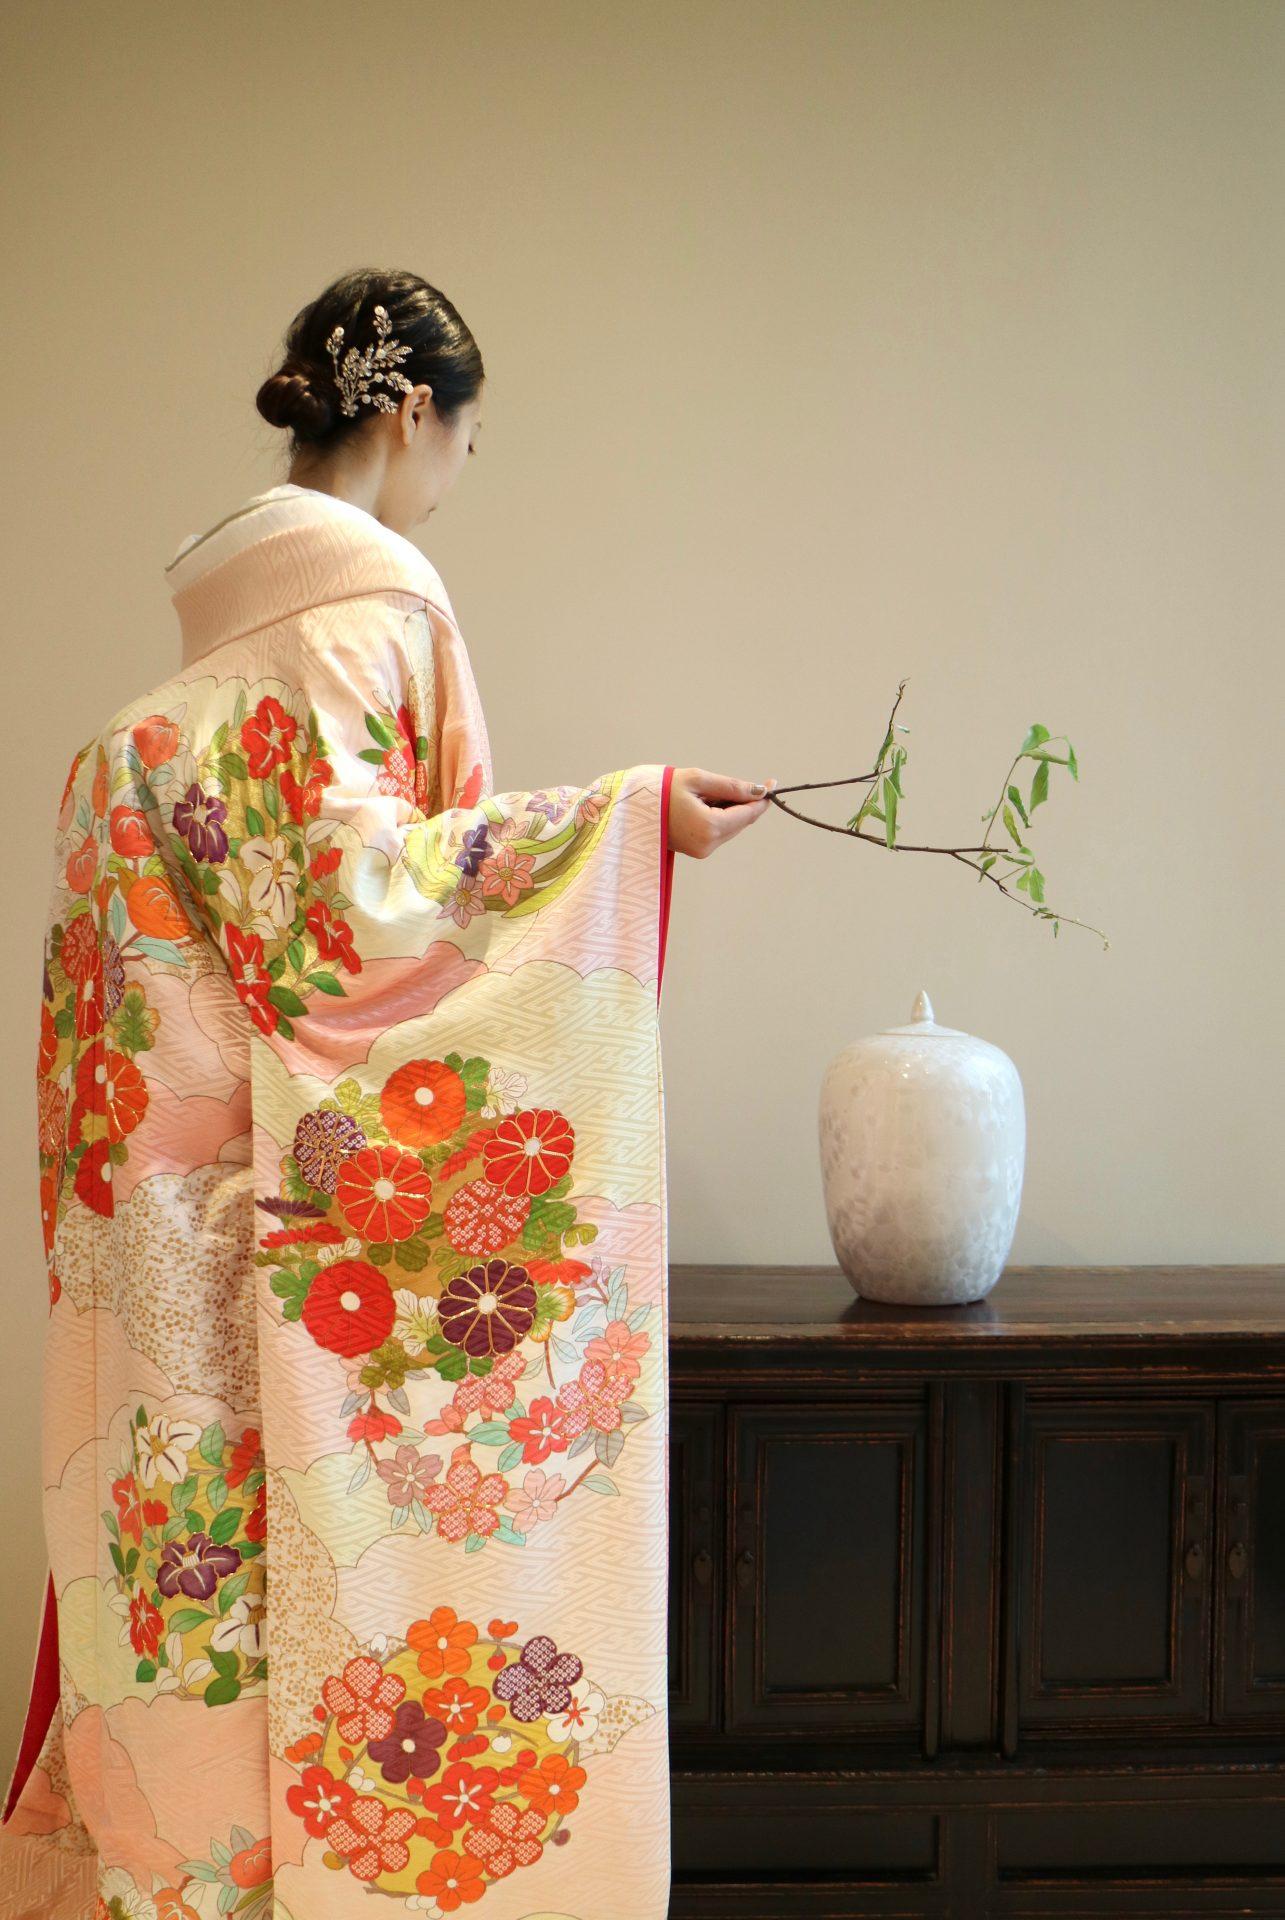 ザ・トリート・ドレッシング京都店にてお取り扱いをしている京都の和婚におすすめの桃色の色打掛